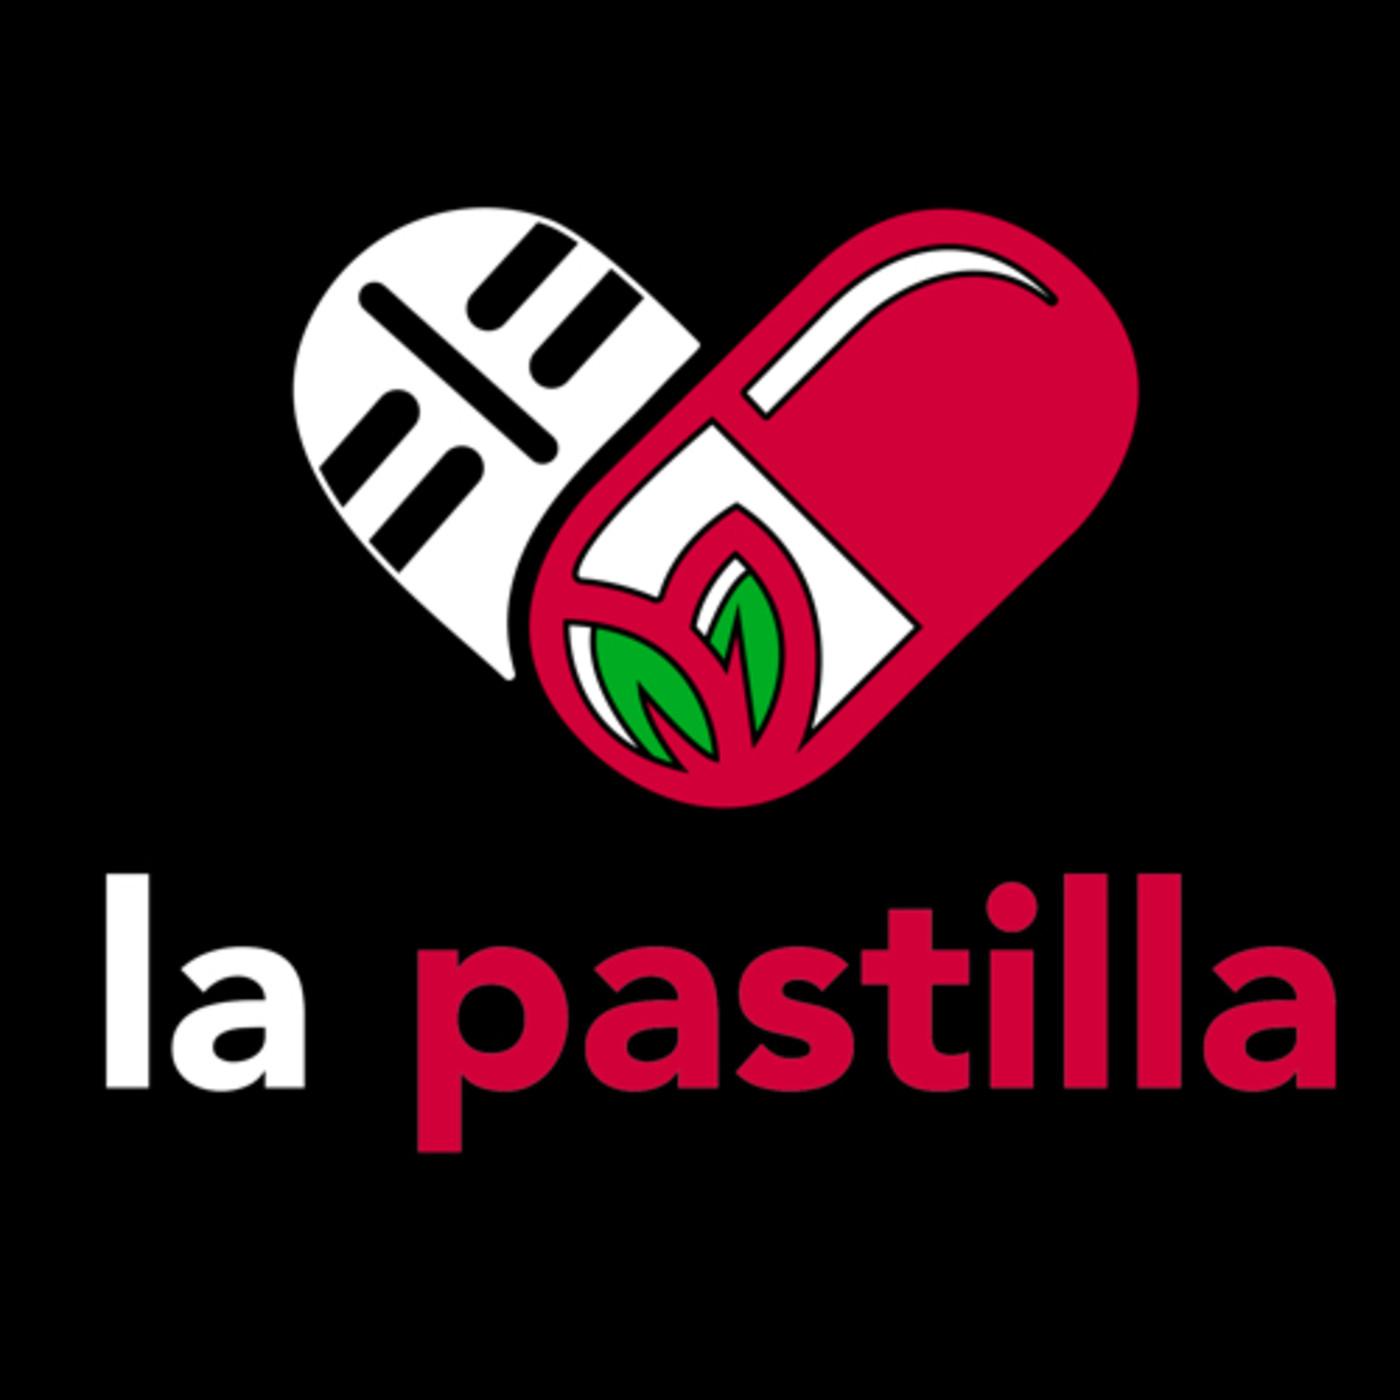 laPastilla 18 de Septiembre 2020